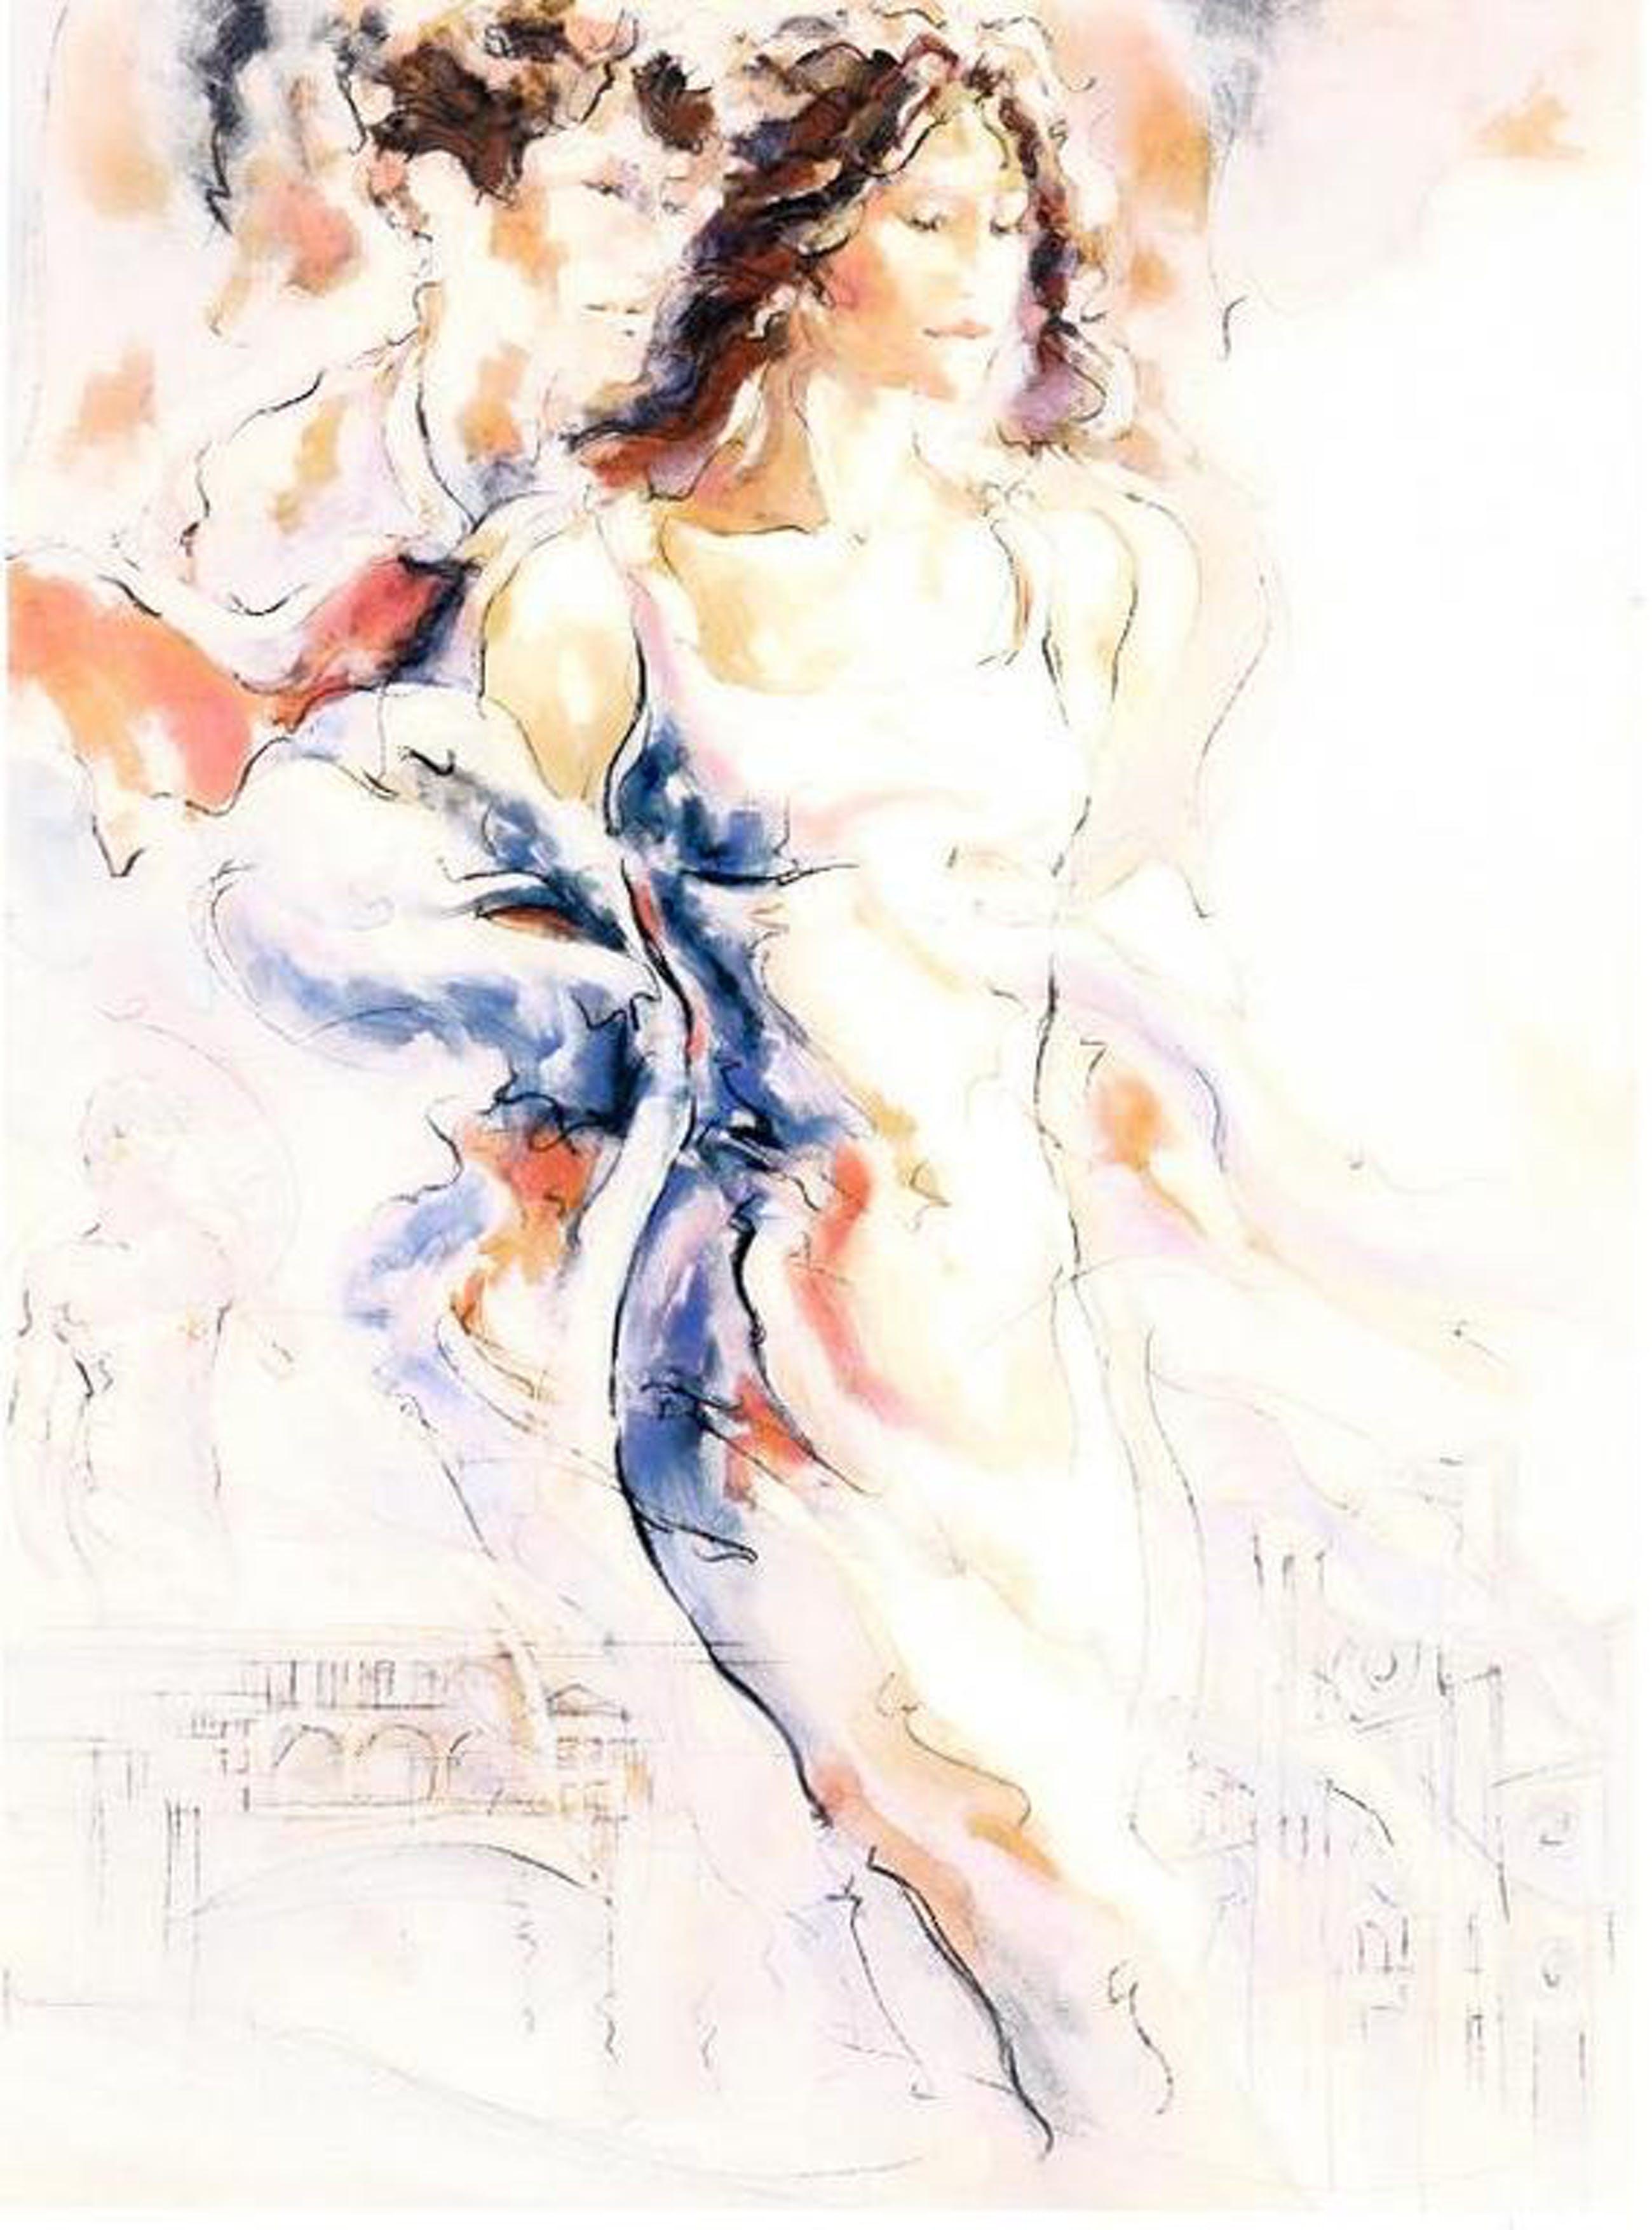 Peter Nixon, kleurenlitho Memories of Florance 1 24 bij 17,8 cm, uit het jaar 2011 kopen? Bied vanaf 60!